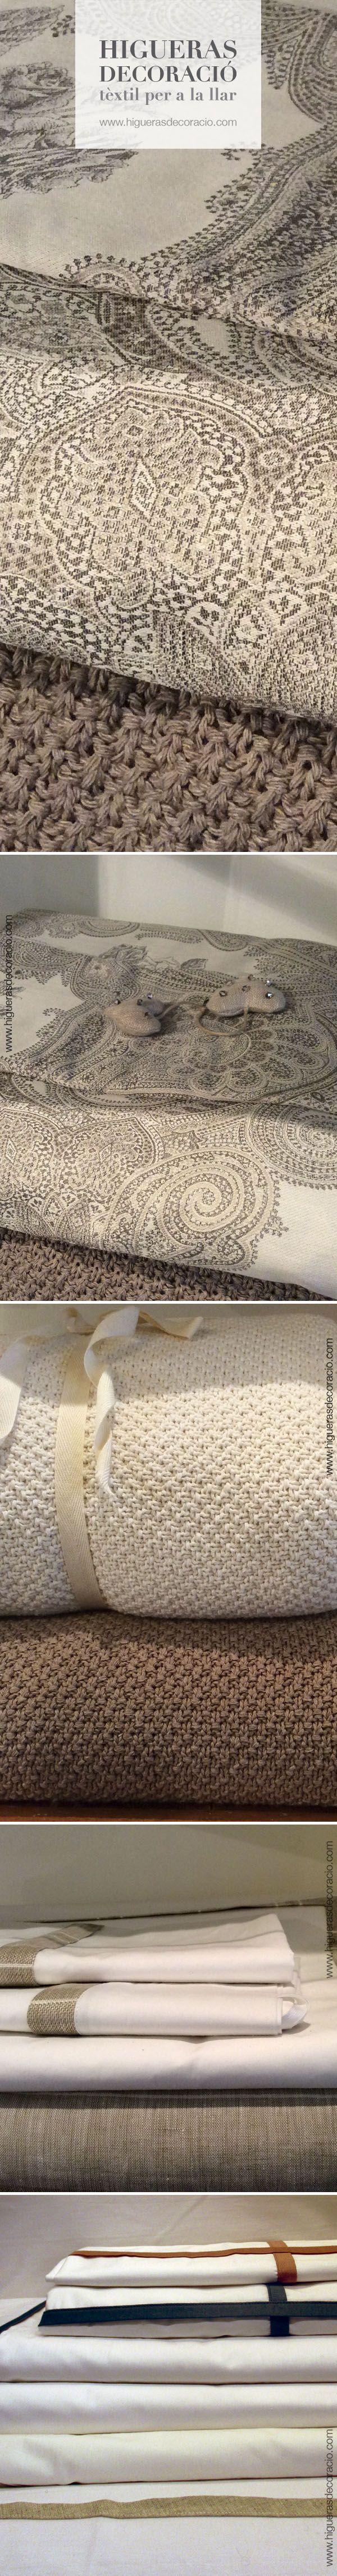 La ropa de cama está en contacto con nosotros, una buena elección es una tarea indispensable. #Sábanas de algodón egipcio o #sábanas de percal, #sábanas de algodón peinado, #sábanas de hilo… Son #sábanas  frescas, que transpiran y de excelente tacto. www.higuerasdecoracio.com